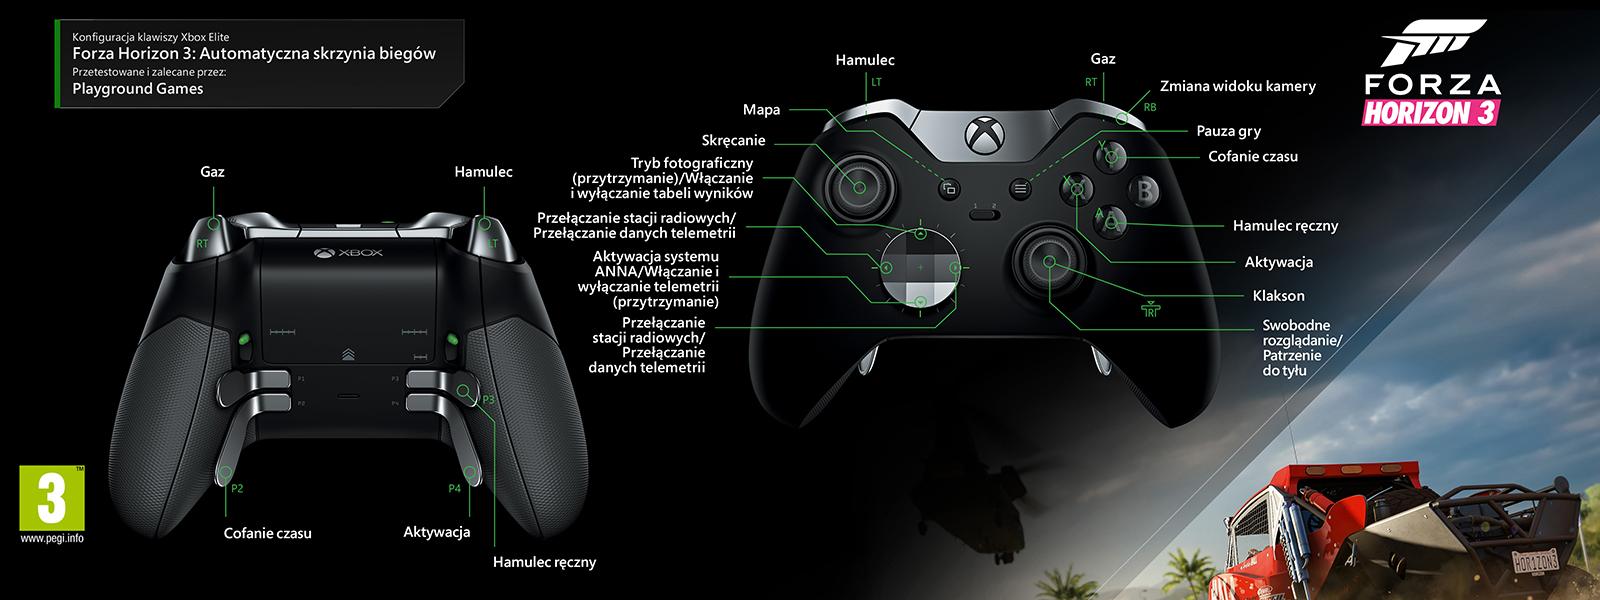 Forza Horizon 3 – mapowanie Elite pod kątem automatycznej zmiany biegów